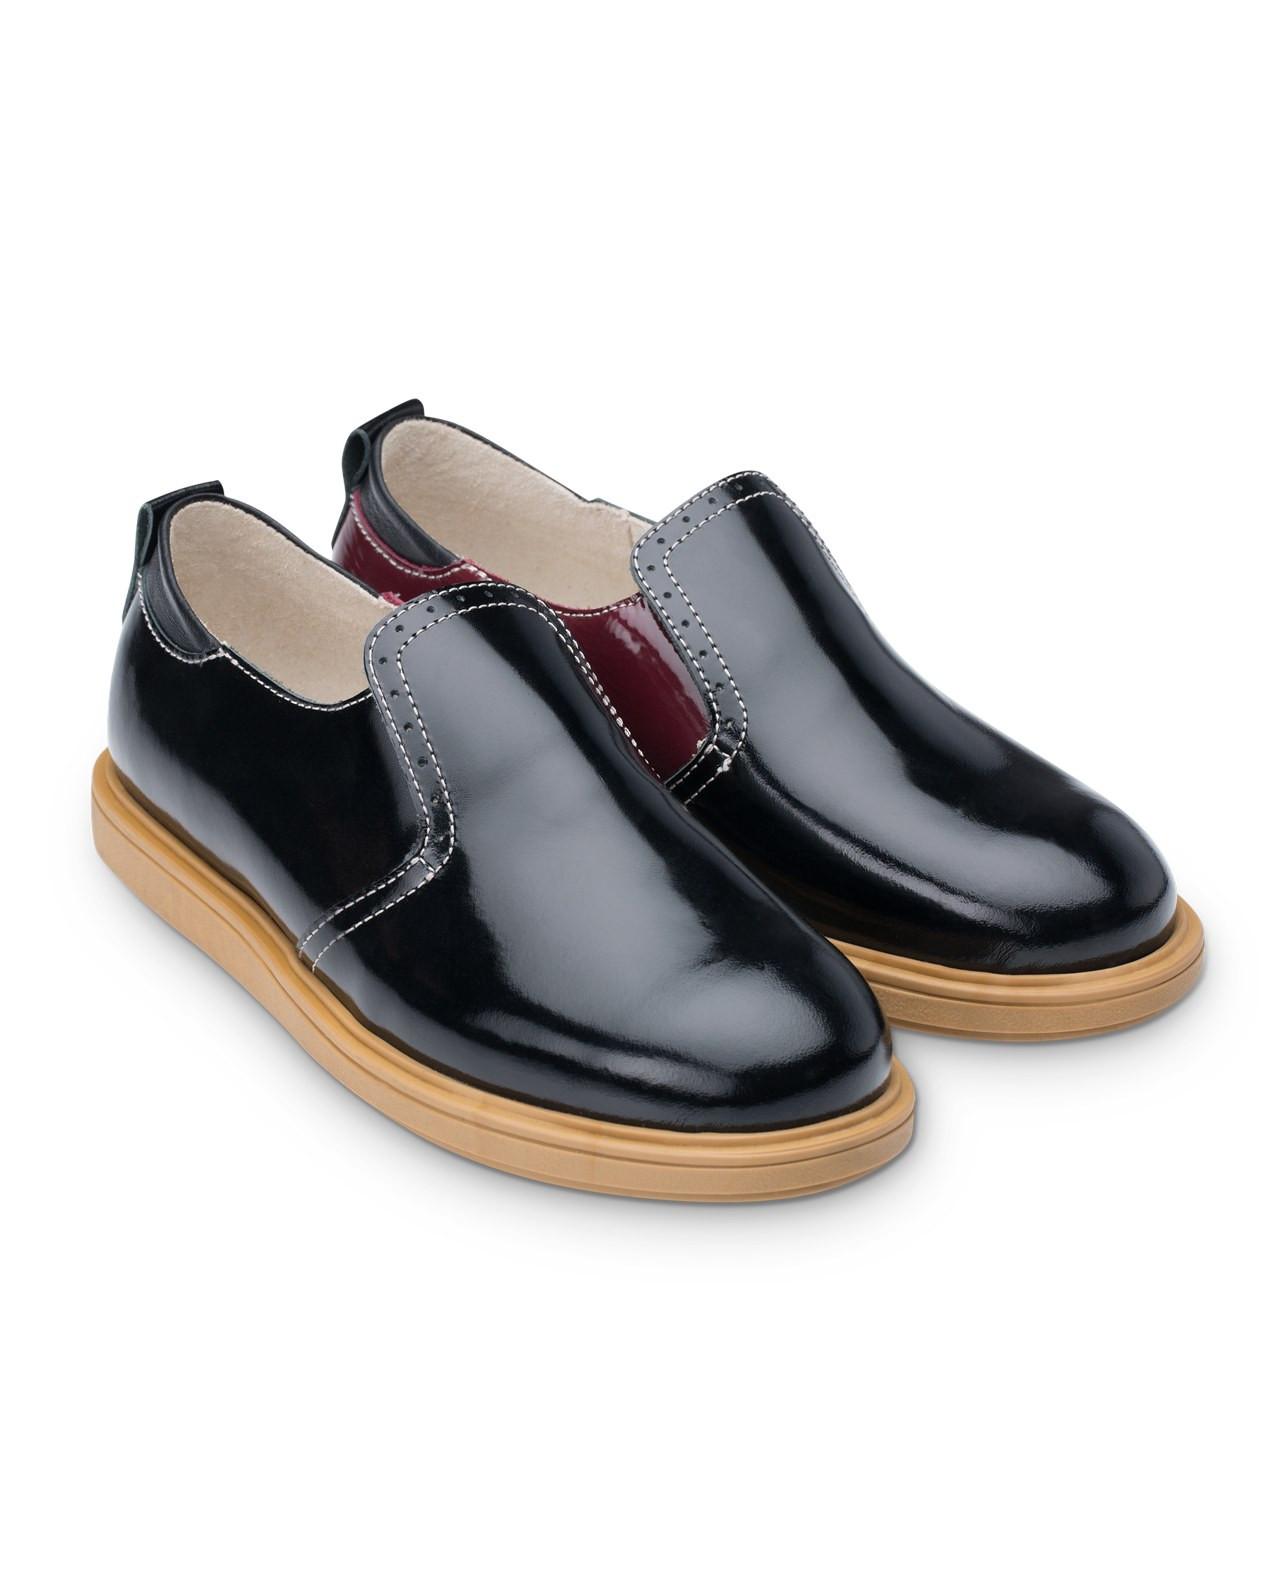 Полуботинки Детские, Tapiboo Твист (44478, 32 )Обувь для школы<br>Полуботинки. Многослойная, анатомическая <br>стелька со сводоподдерживающим элементом <br>для правильного формирования стопы. Благодаря <br>использованию современных внутренних материалов <br>позволяет оптимально распределить нагрузку <br>по всей площади стопы и свести к минимуму <br>ее ударную составляющую. Жесткий фиксирующий <br>задник надежно стабилизирует голеностопный <br>сустав во время ходьбы. Упругая, умеренно-эластичная <br>подошва, имеющая перекат позволяющий повторить <br>естественное движение стопы при ходьбе <br>для правильного распределения нагрузки <br>на опорно-двигательный аппарат ребенка. <br>Подкладка из натуральной кожи обладает <br>мягкостью и природной способностью пропускать <br>воздух для создания оптимального температурного <br>режима (нога не потеет).<br>Размер INT: M; Цвет: Красный; Ширина: 100; Высота: 200; Вес: 1000;